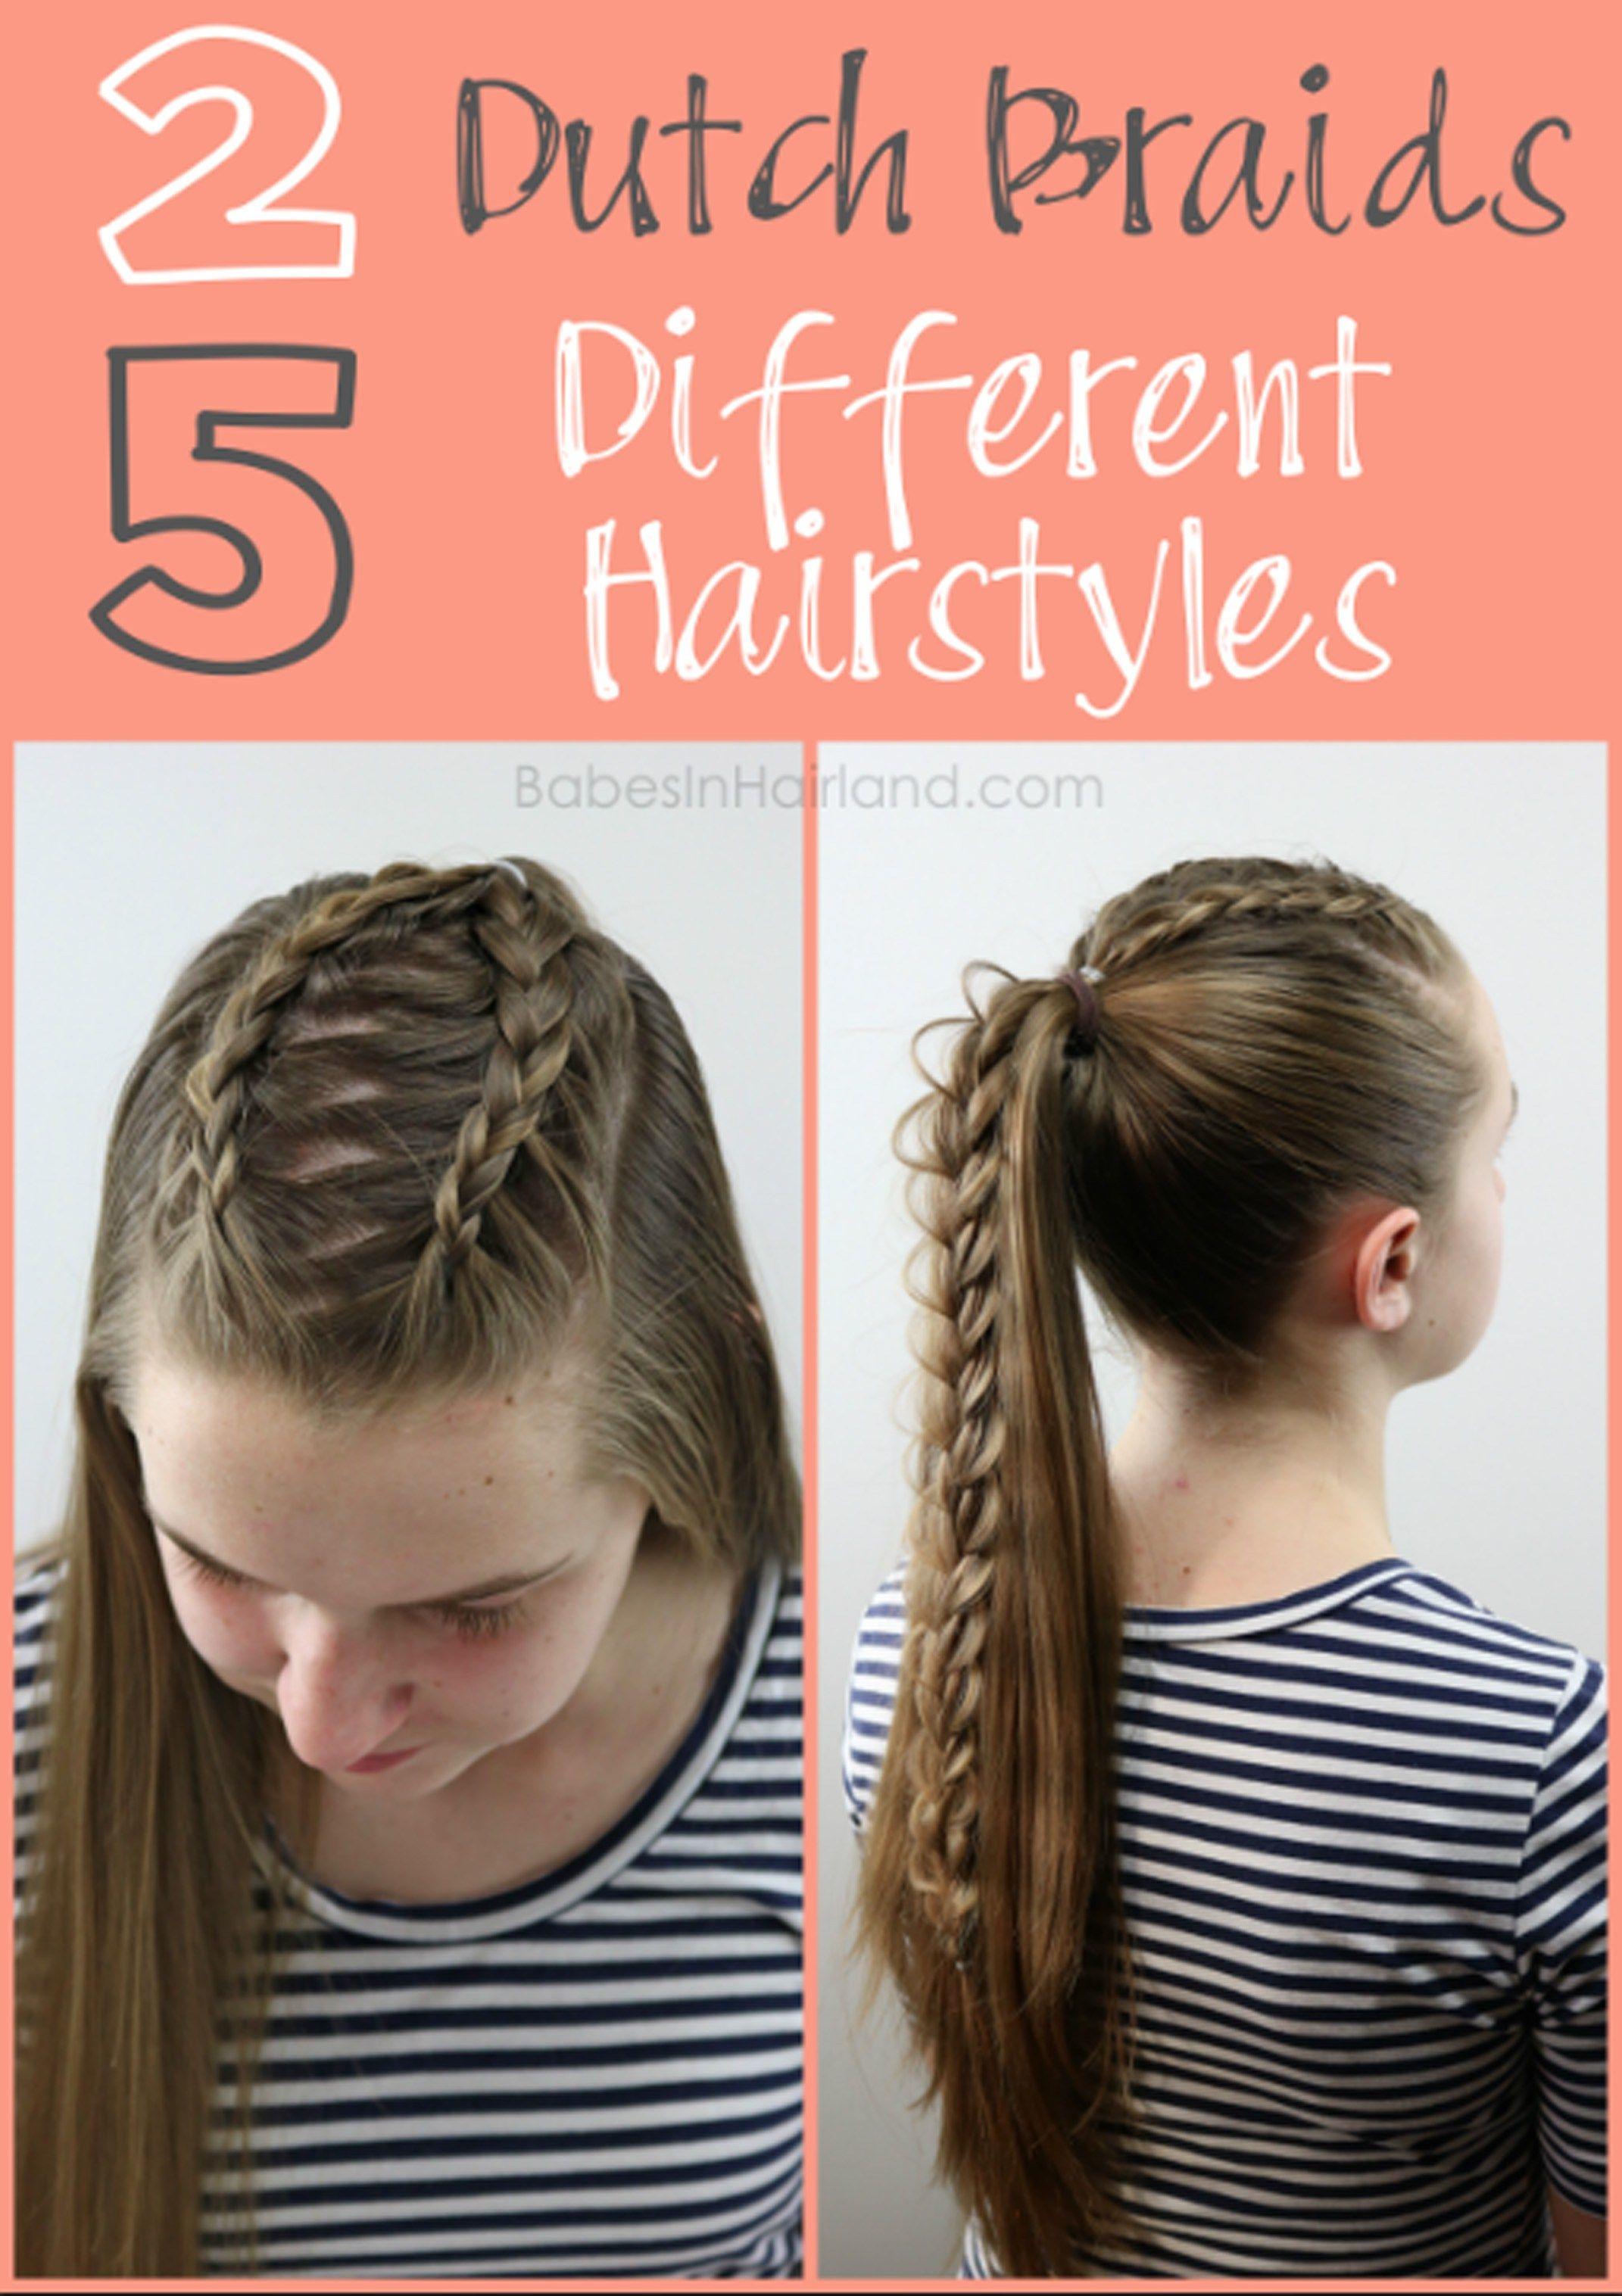 2 Dutch Braids 5 Different Hairstyles Babesinhairland Com Cool Braid Hairstyles Braided Hairstyles Dutch Braid Hairstyles